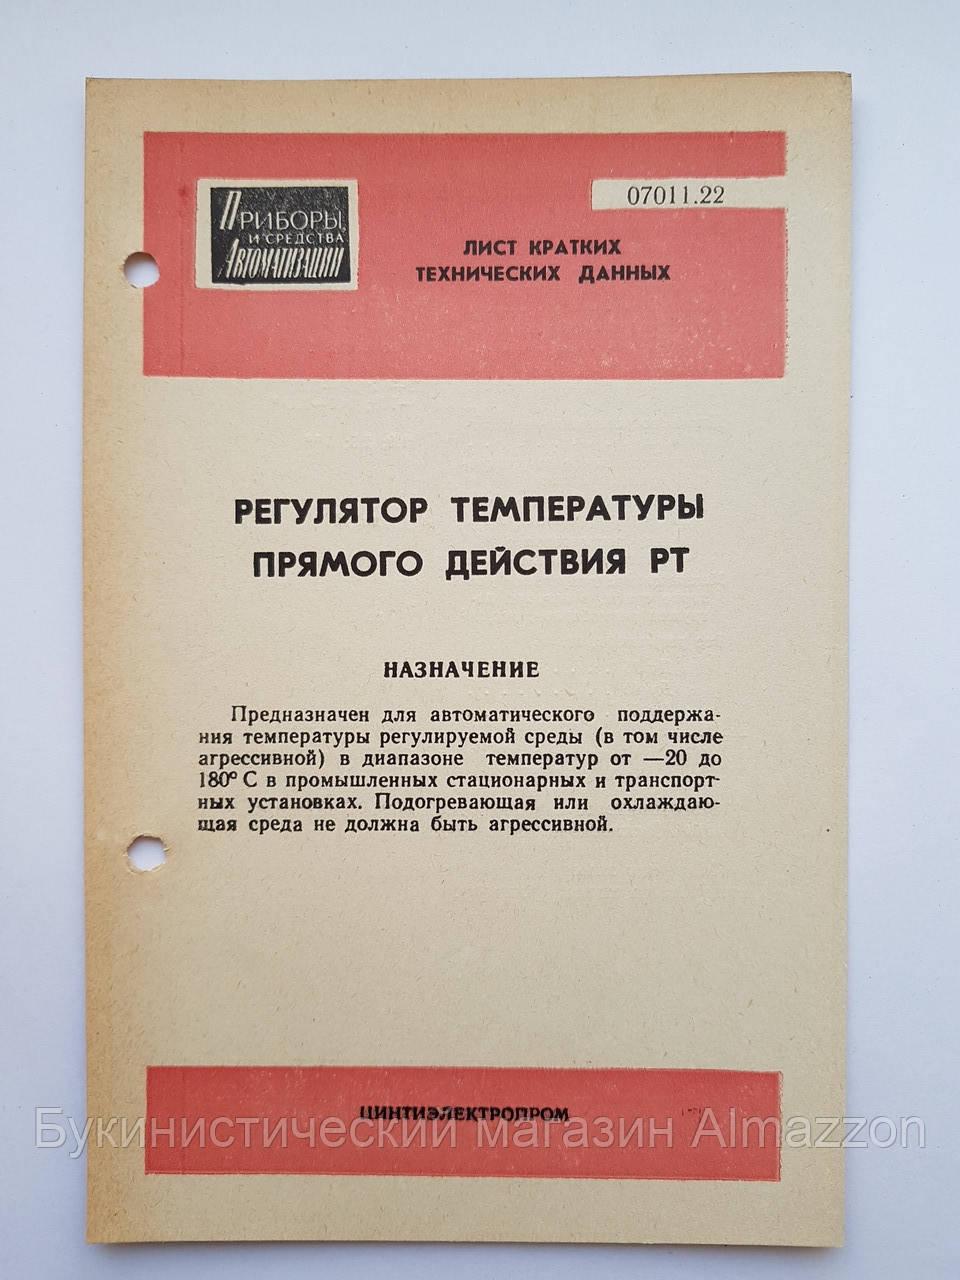 """Лист кратких технических данных """"Регулятор температуры прямого действия РТ 07011.22 """" 1963г."""